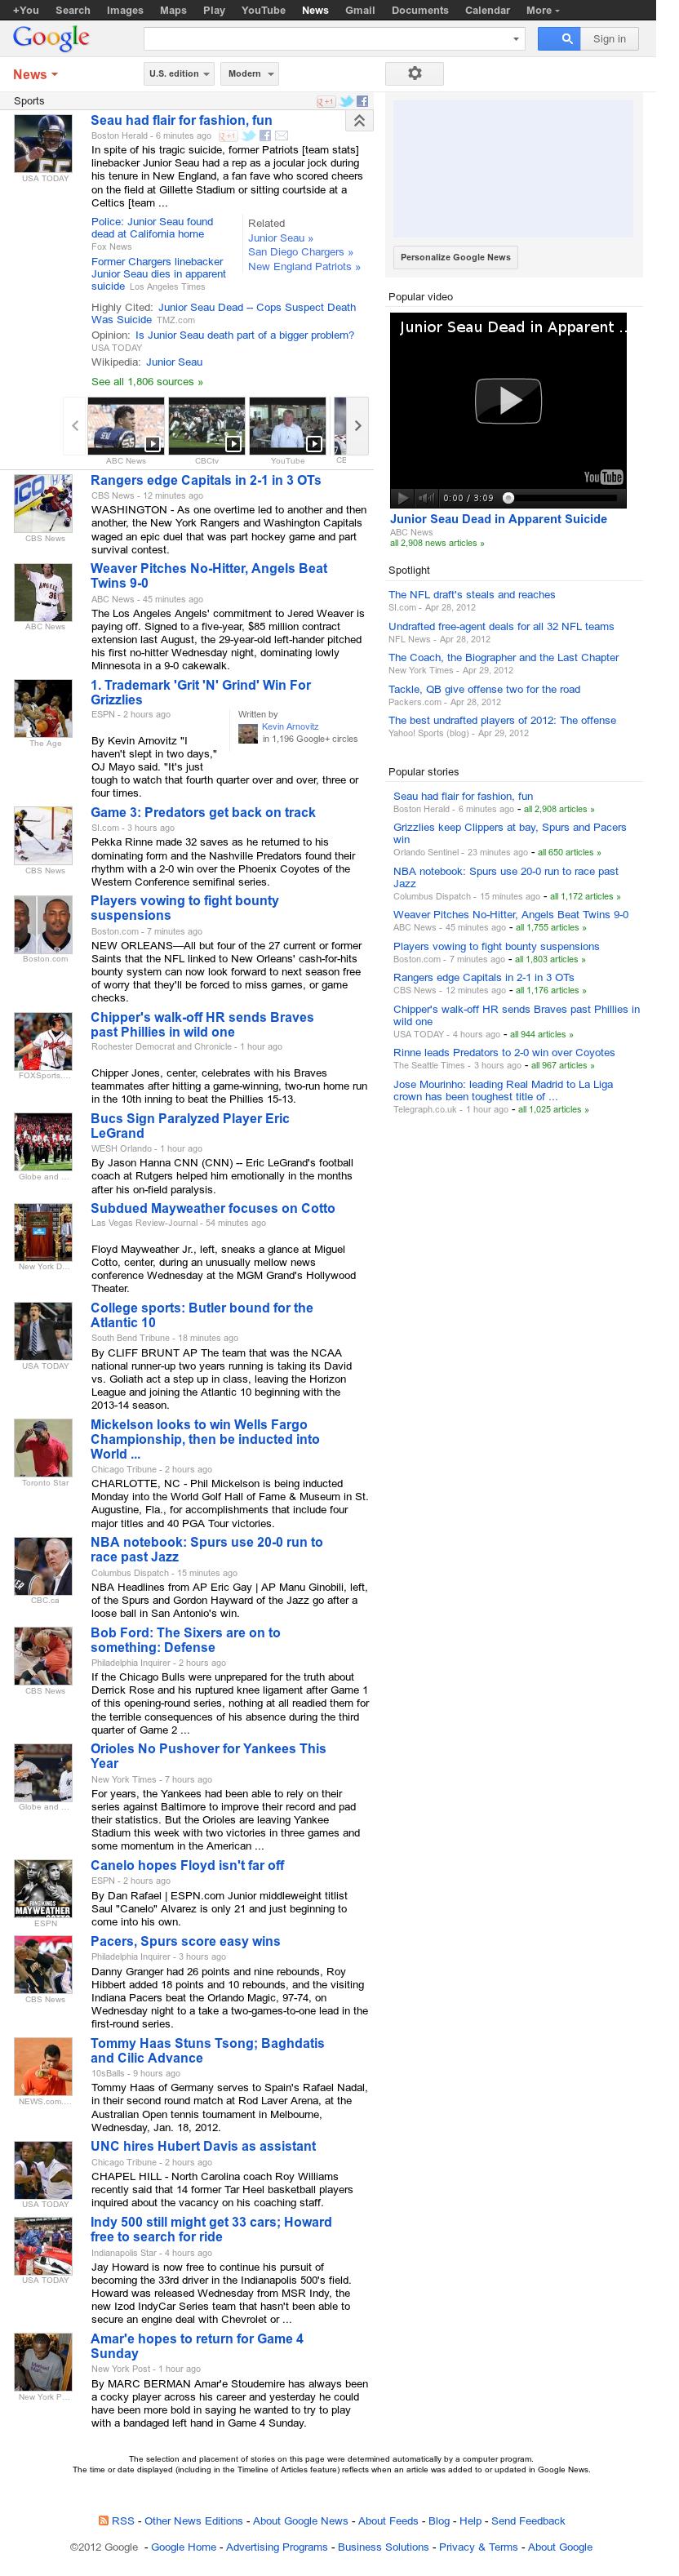 Google News: Sports at Thursday May 3, 2012, 10:06 a.m. UTC